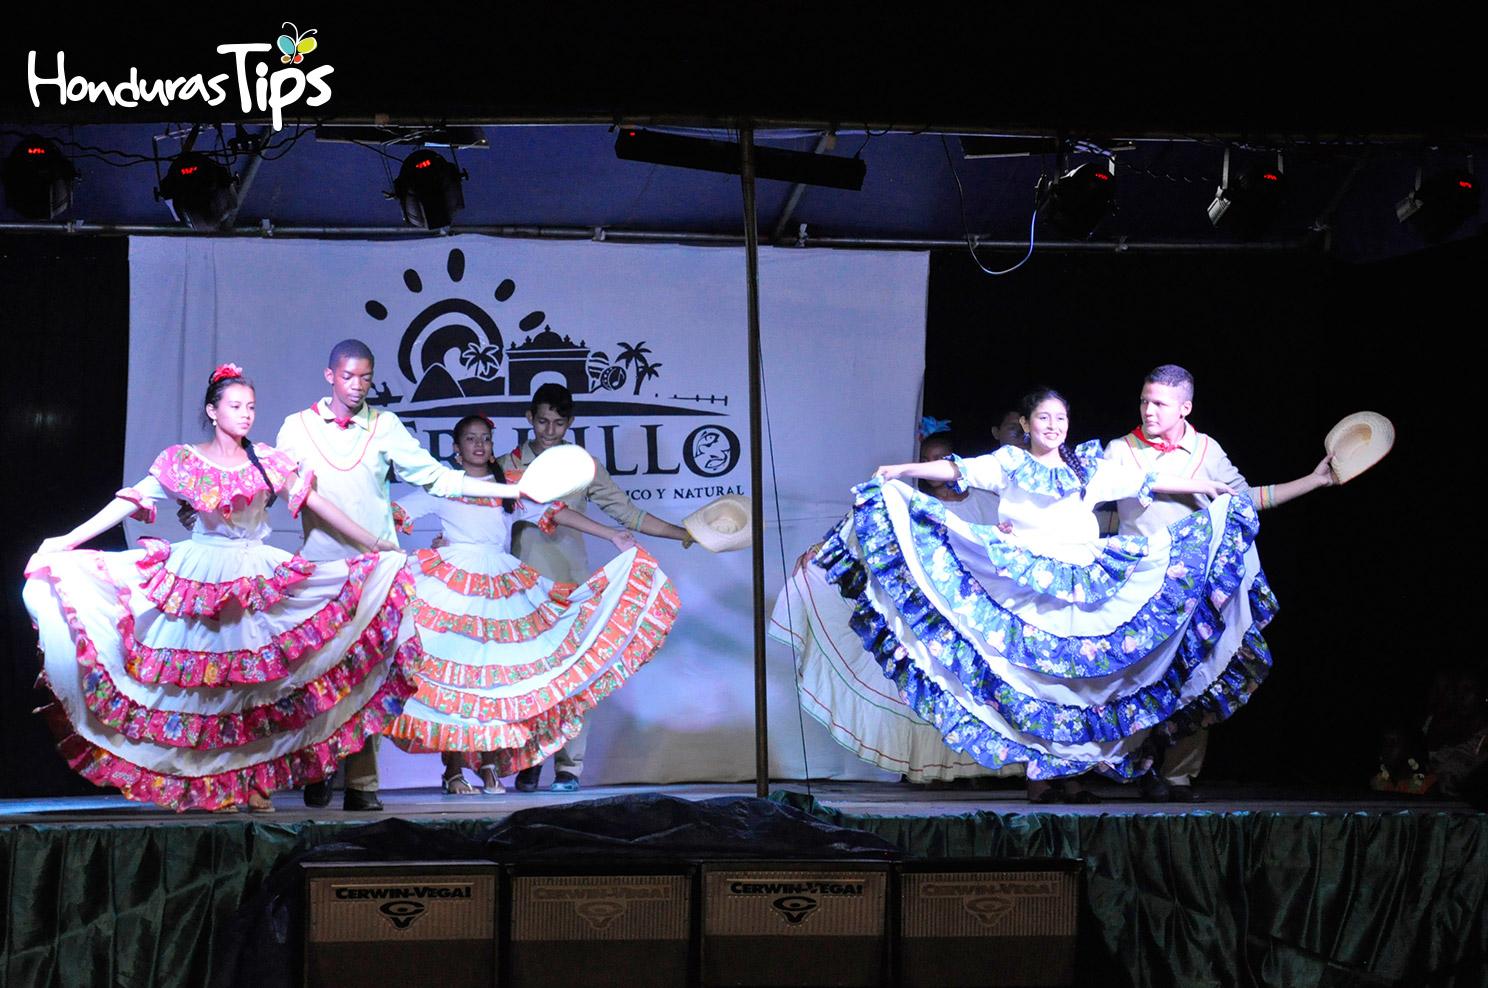 El cuadro de danza de la escuela ELIM dedicó su espacio con bailes criollos.